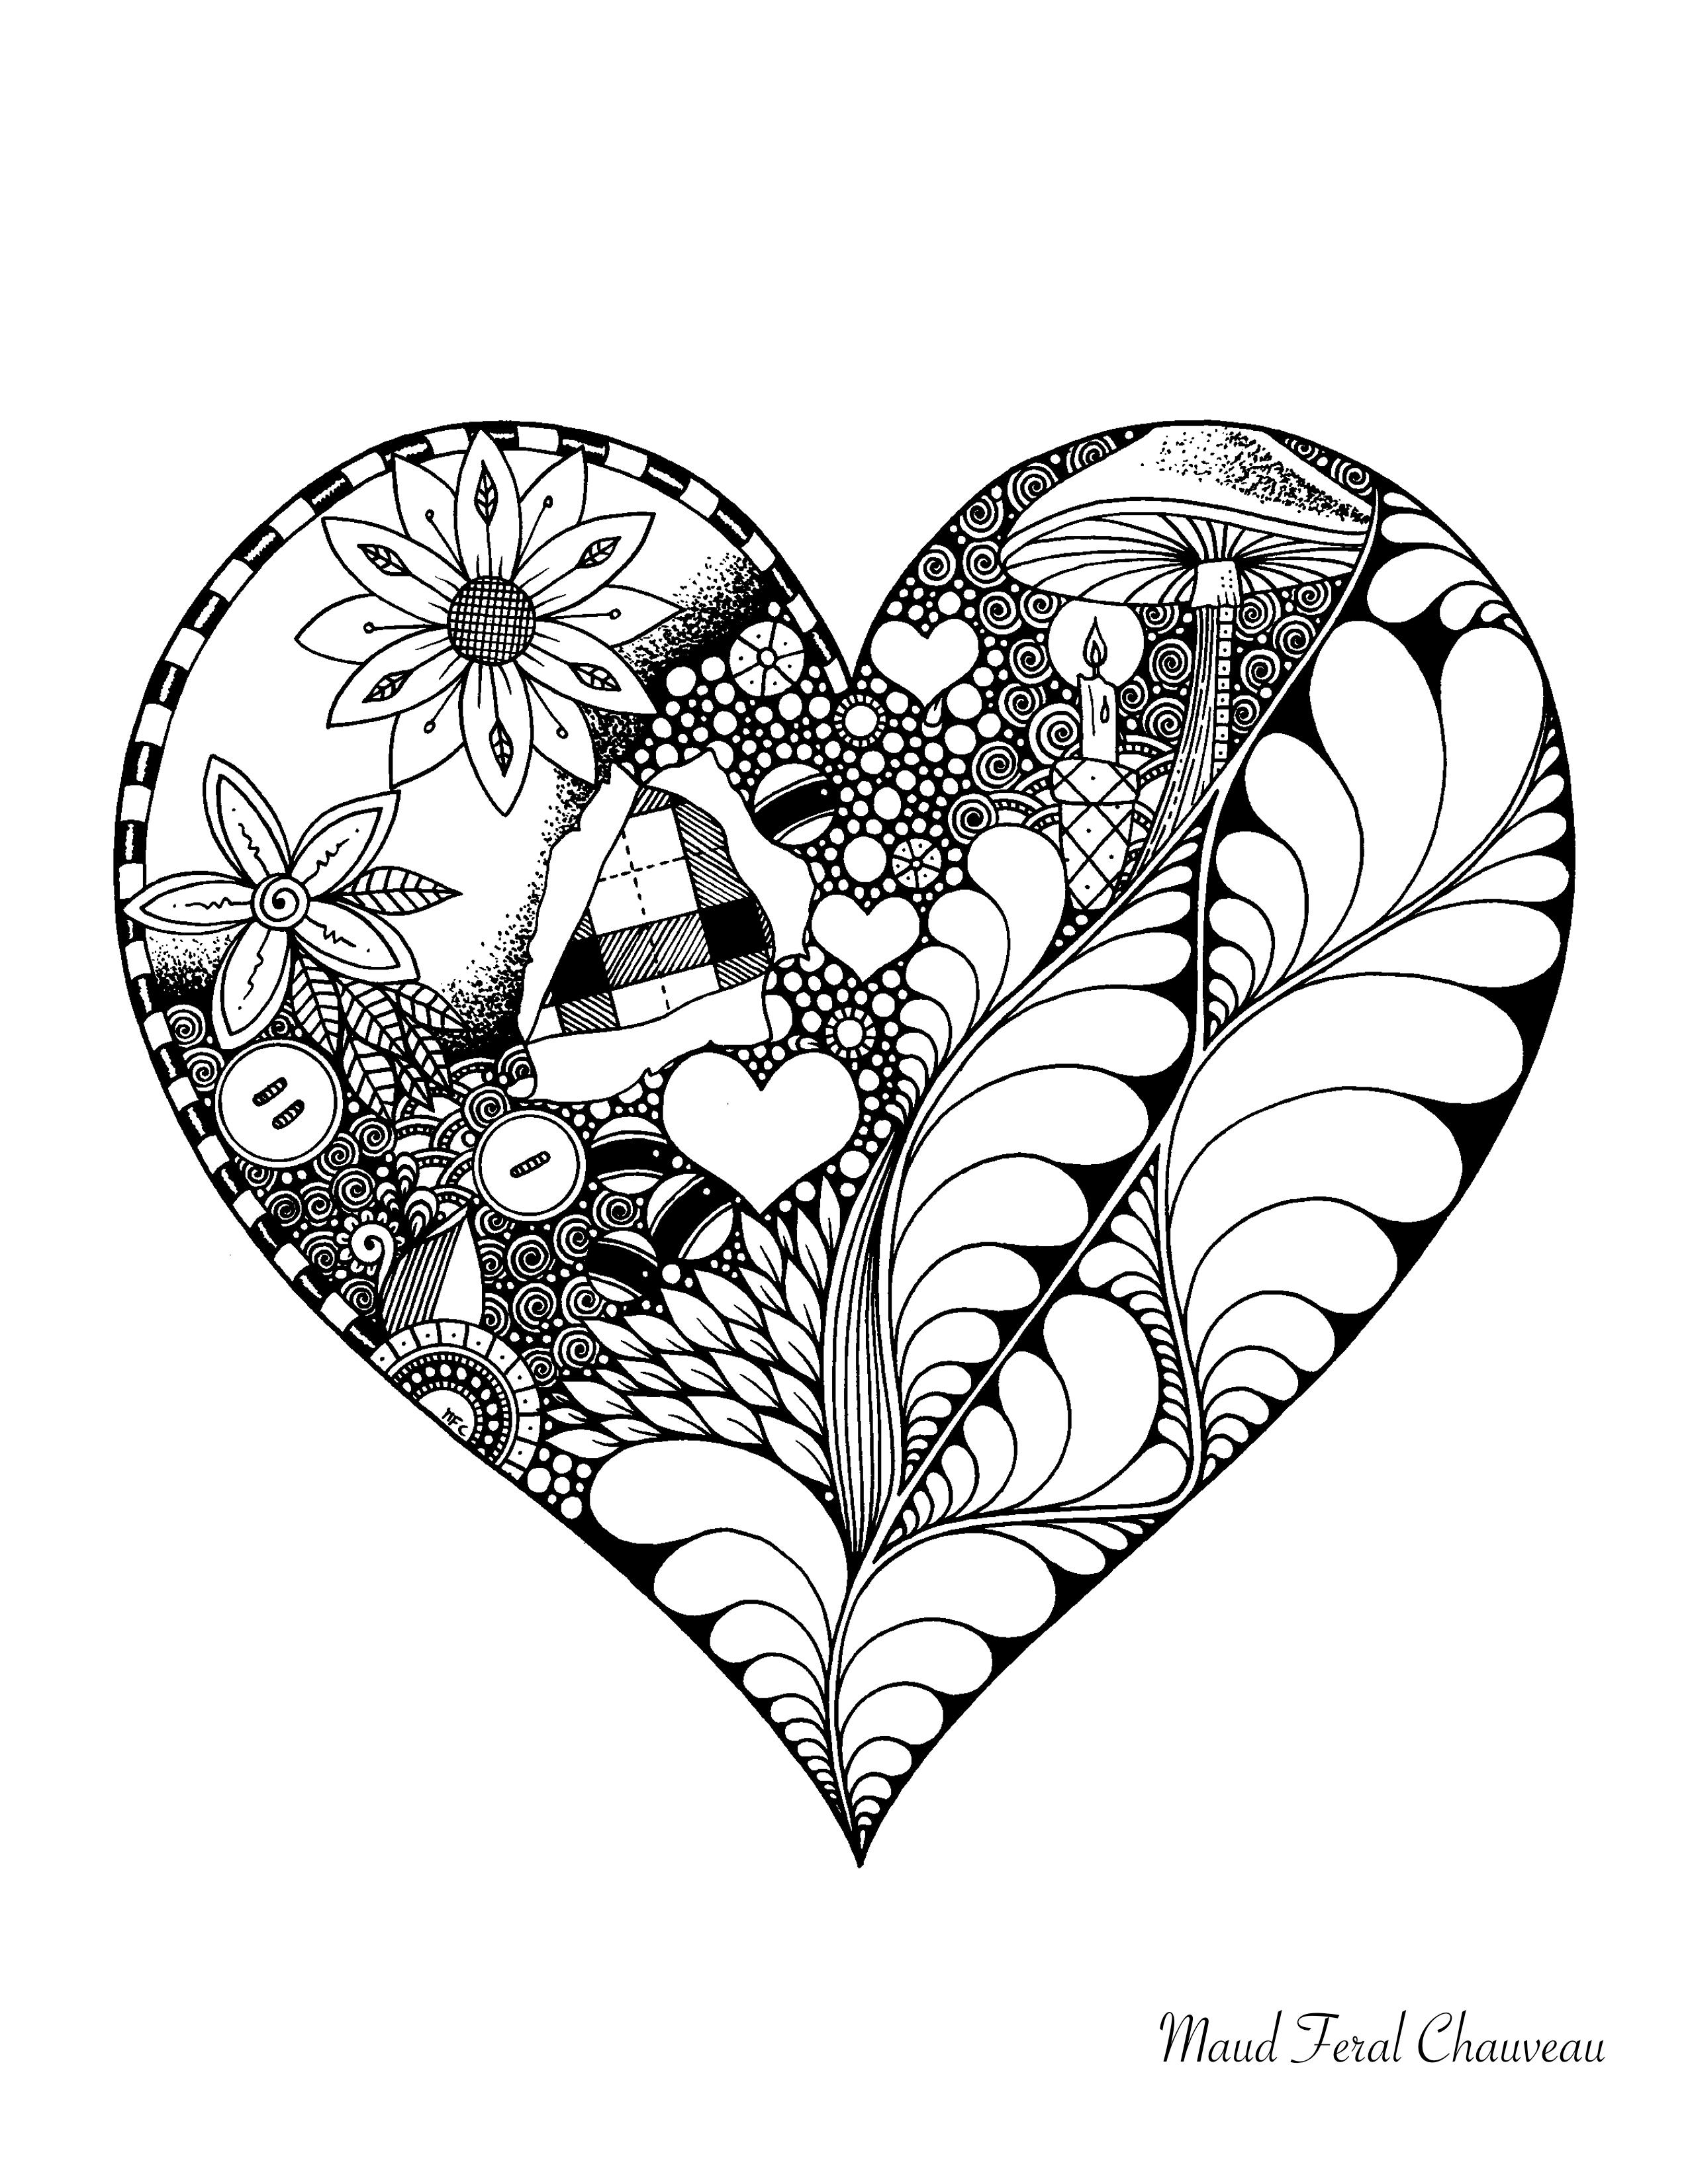 Coloriage Doodle Coeur St Valentin Par Maud Feral